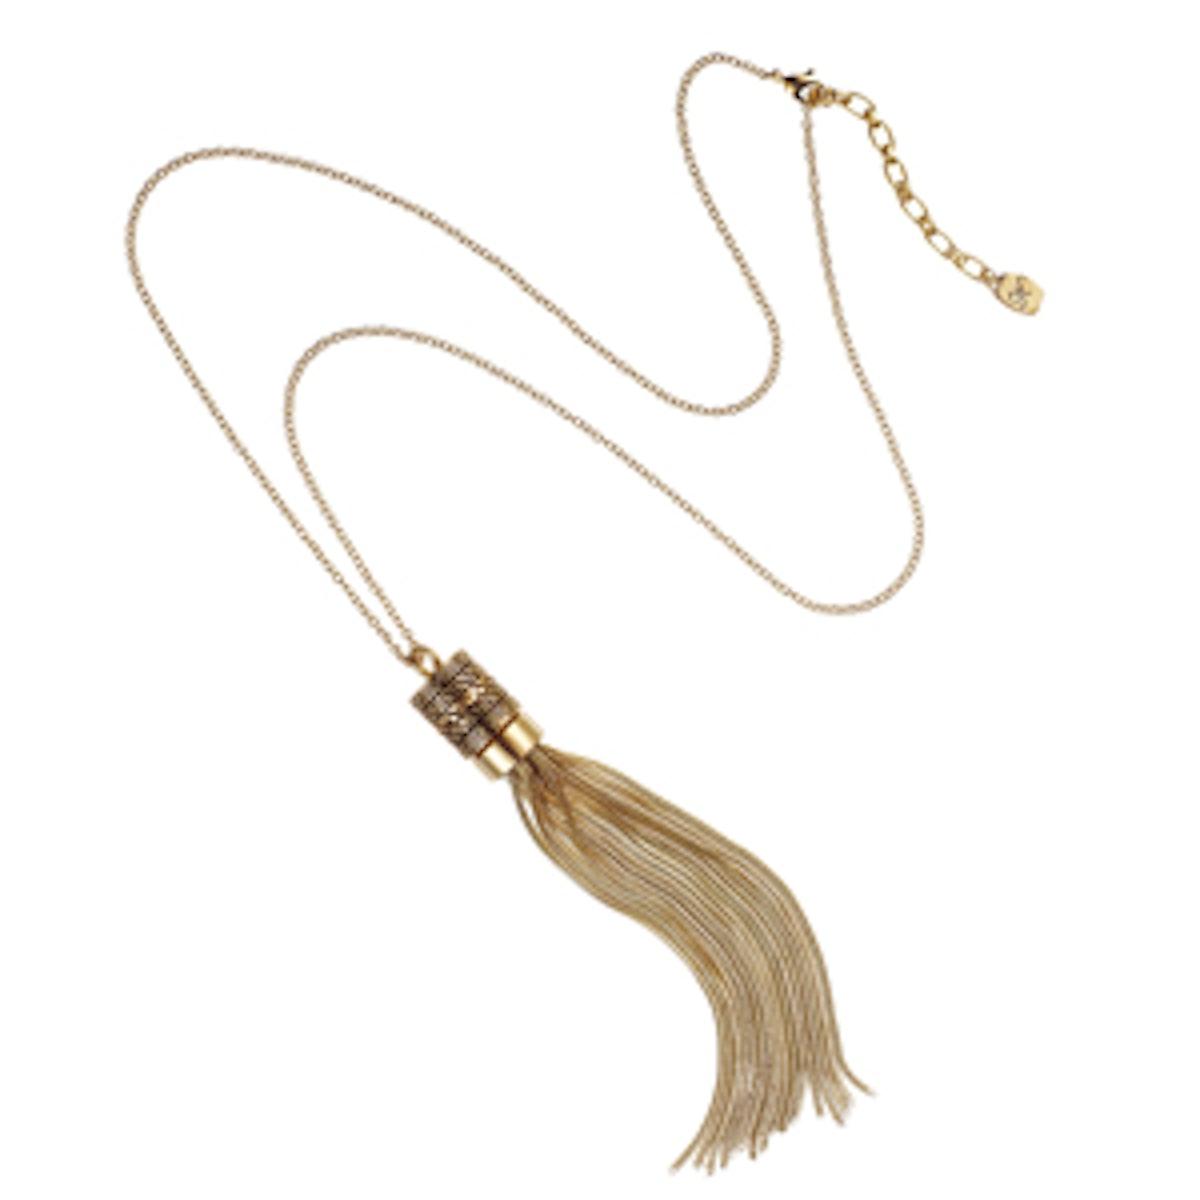 Chain Tassle Necklace